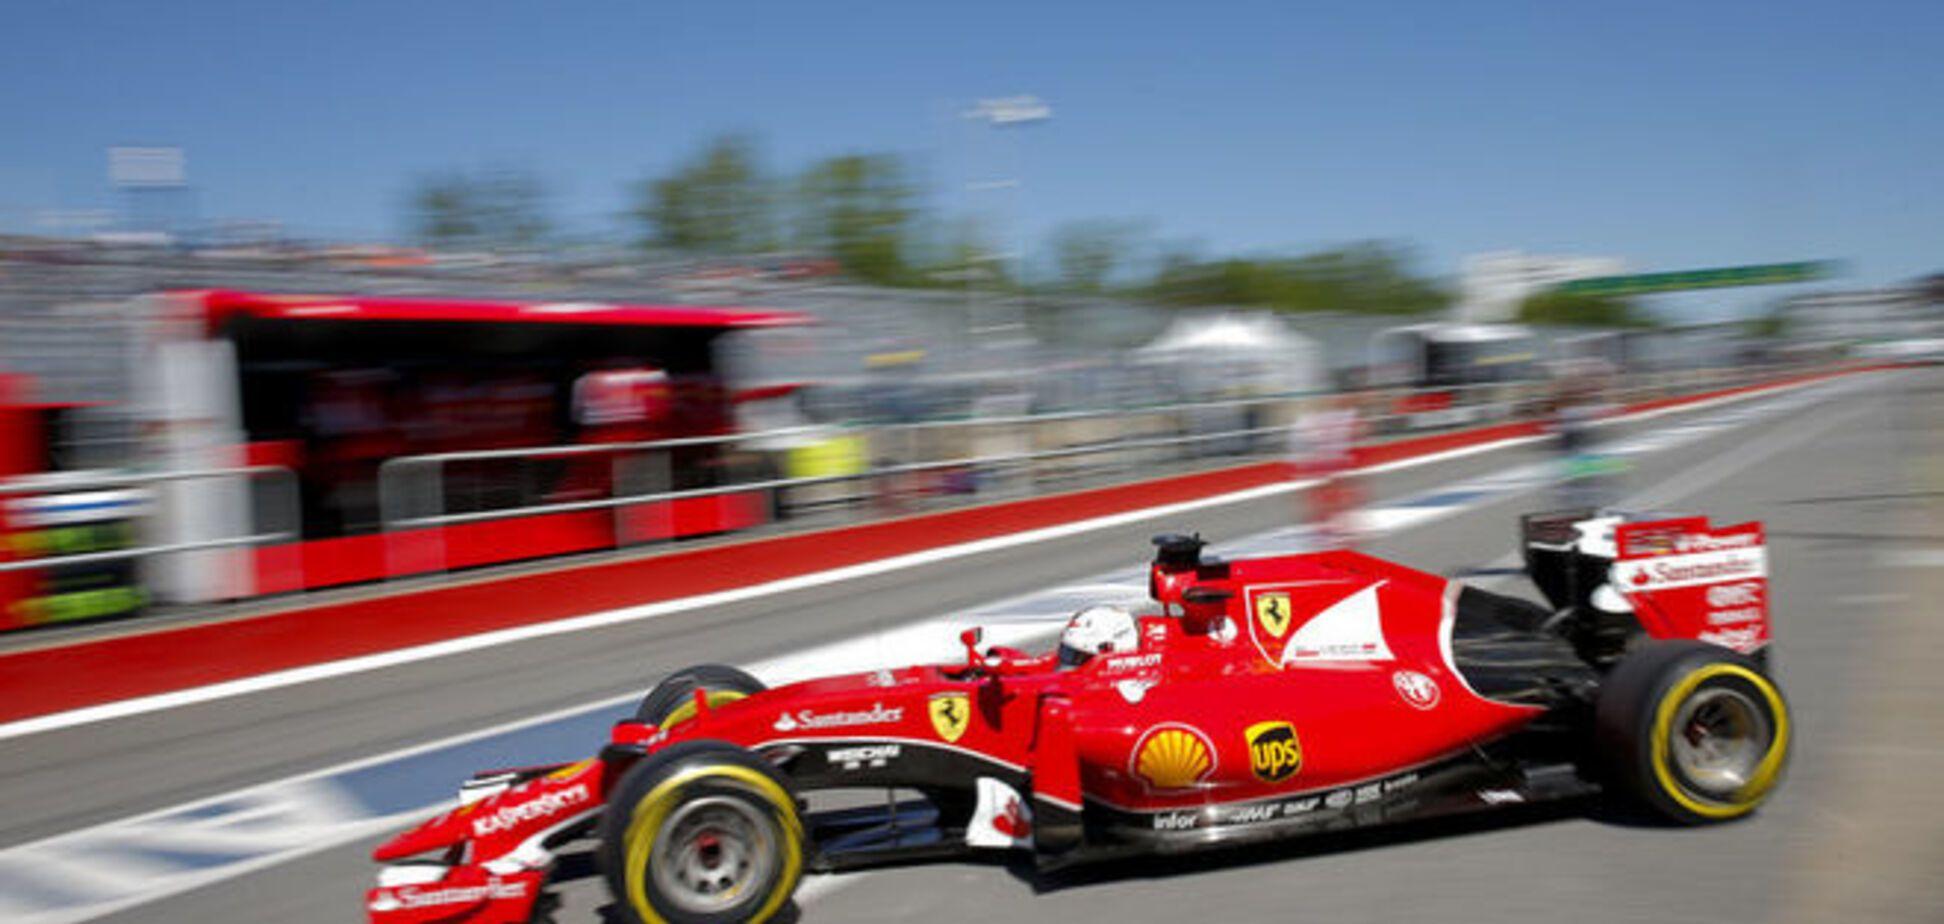 Феттель совершил феноменальный прорыв на Гран-при Канады